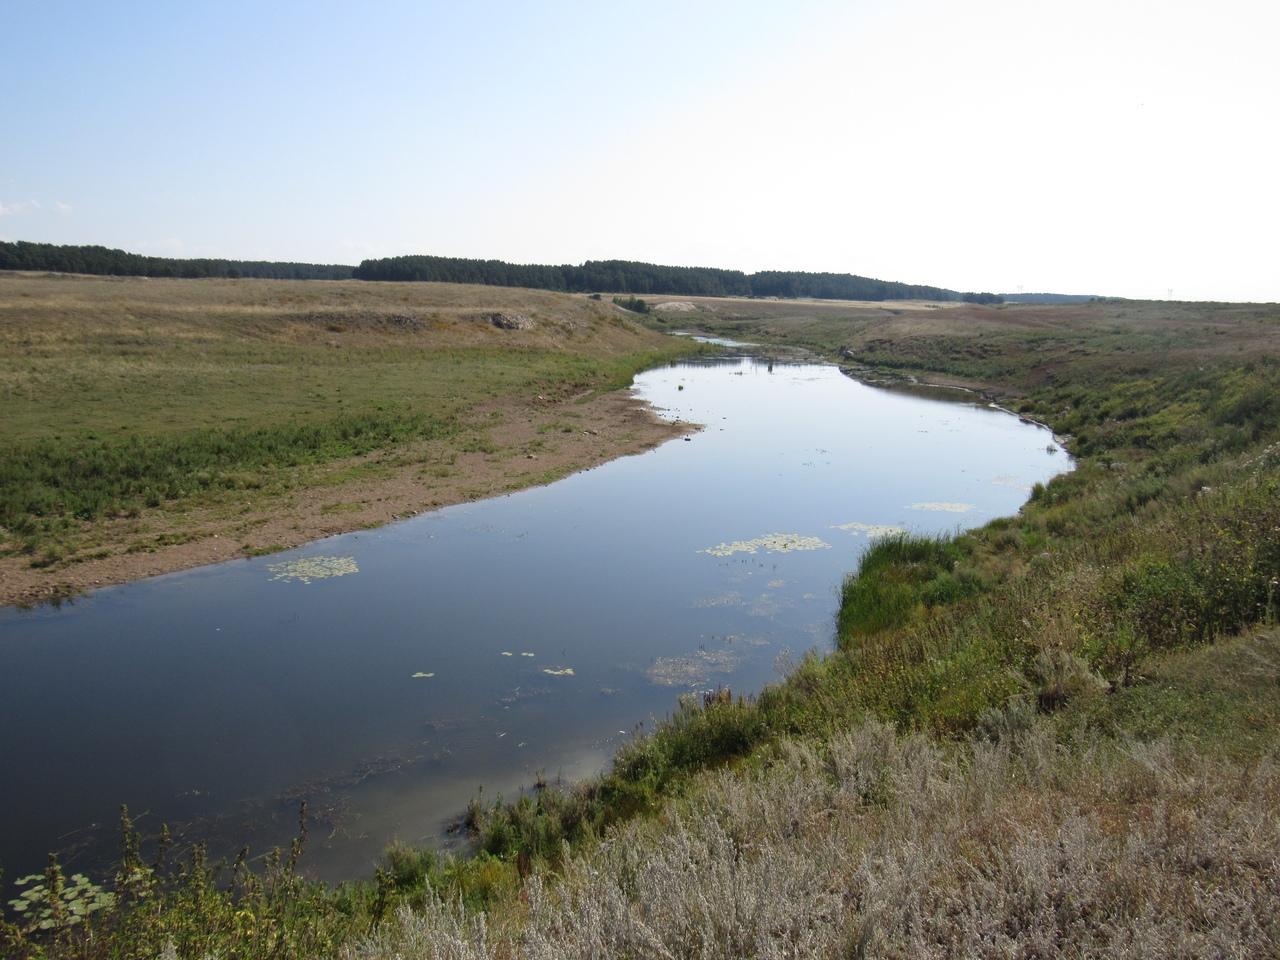 Забытая река: как уплыть из Петропавловска в Омск